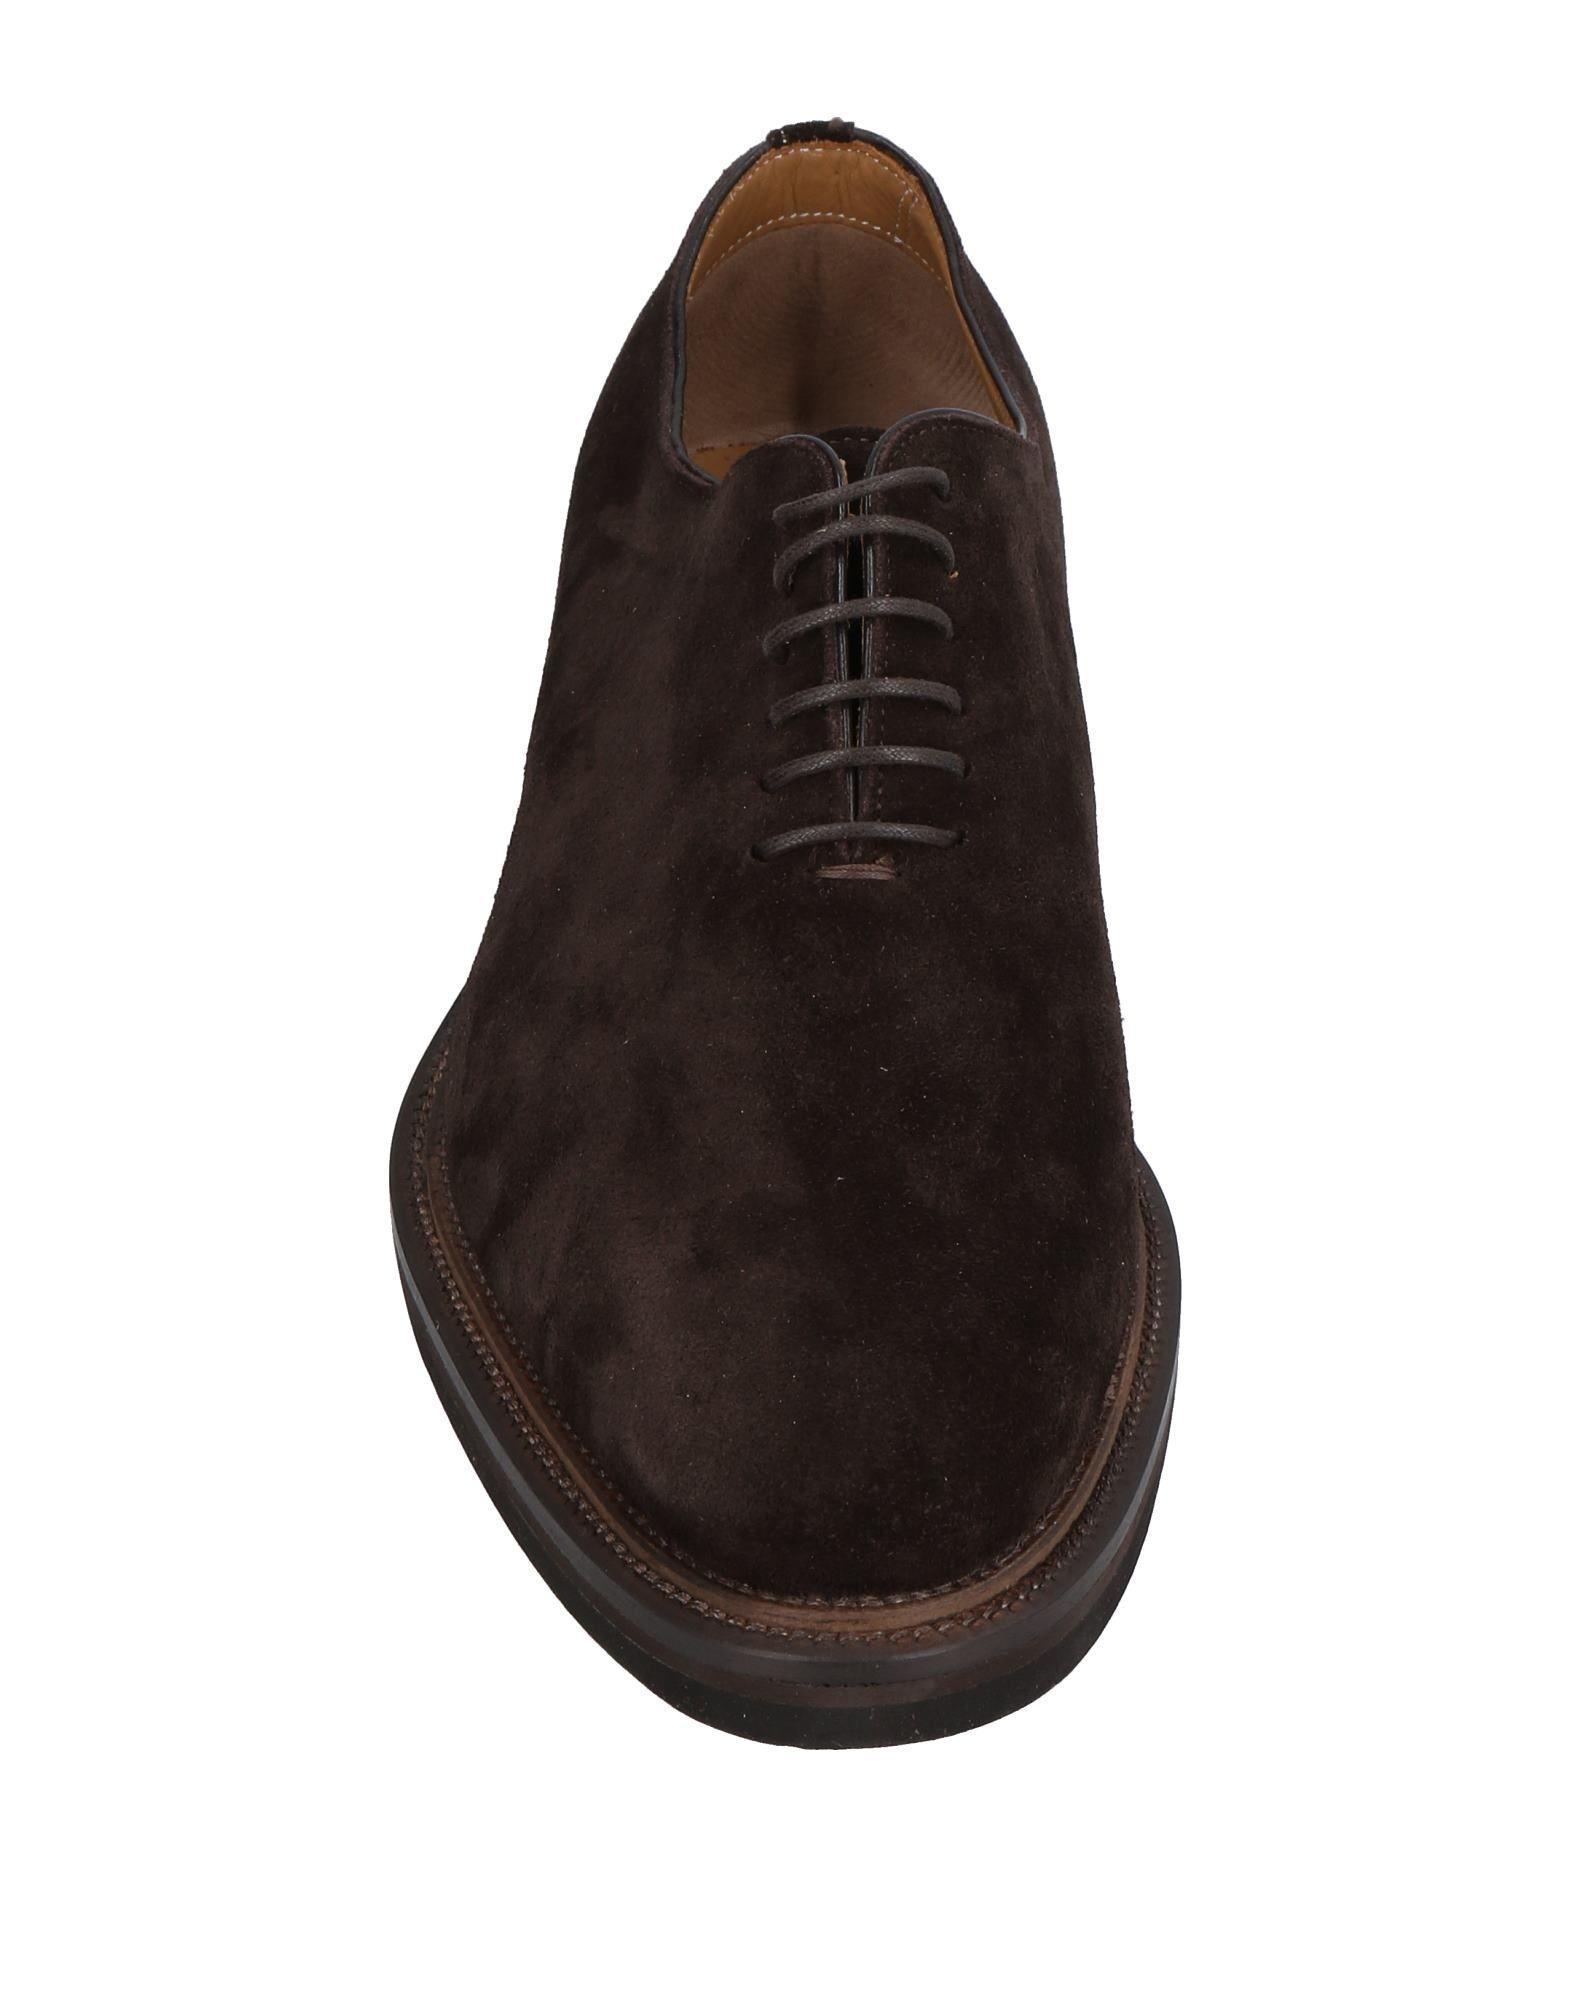 Chaussures À Lacets Calpierre Femme - Chaussures À Lacets Calpierre sur